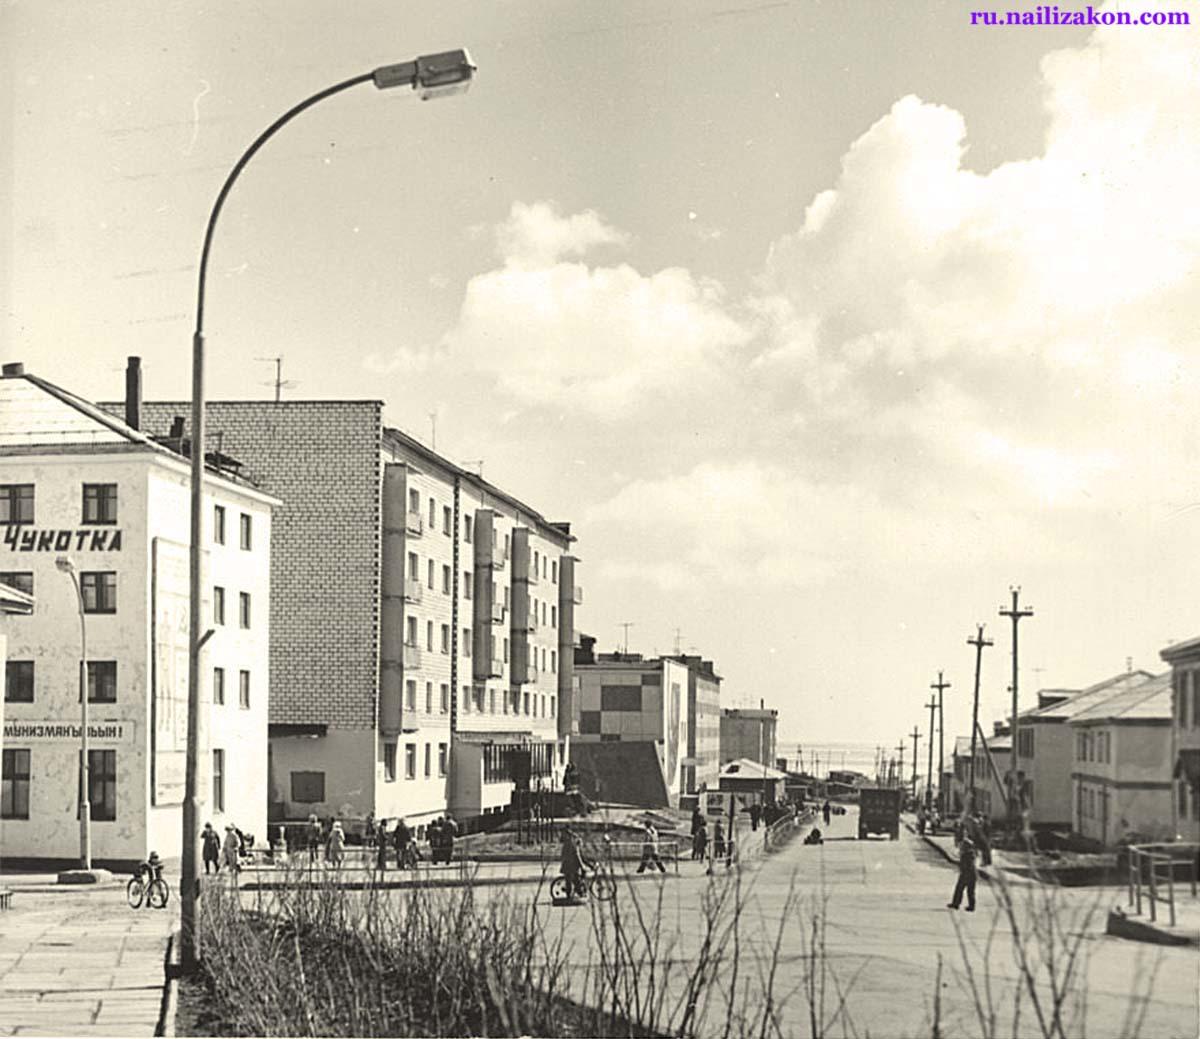 Anadyr. Otke Street, 1985